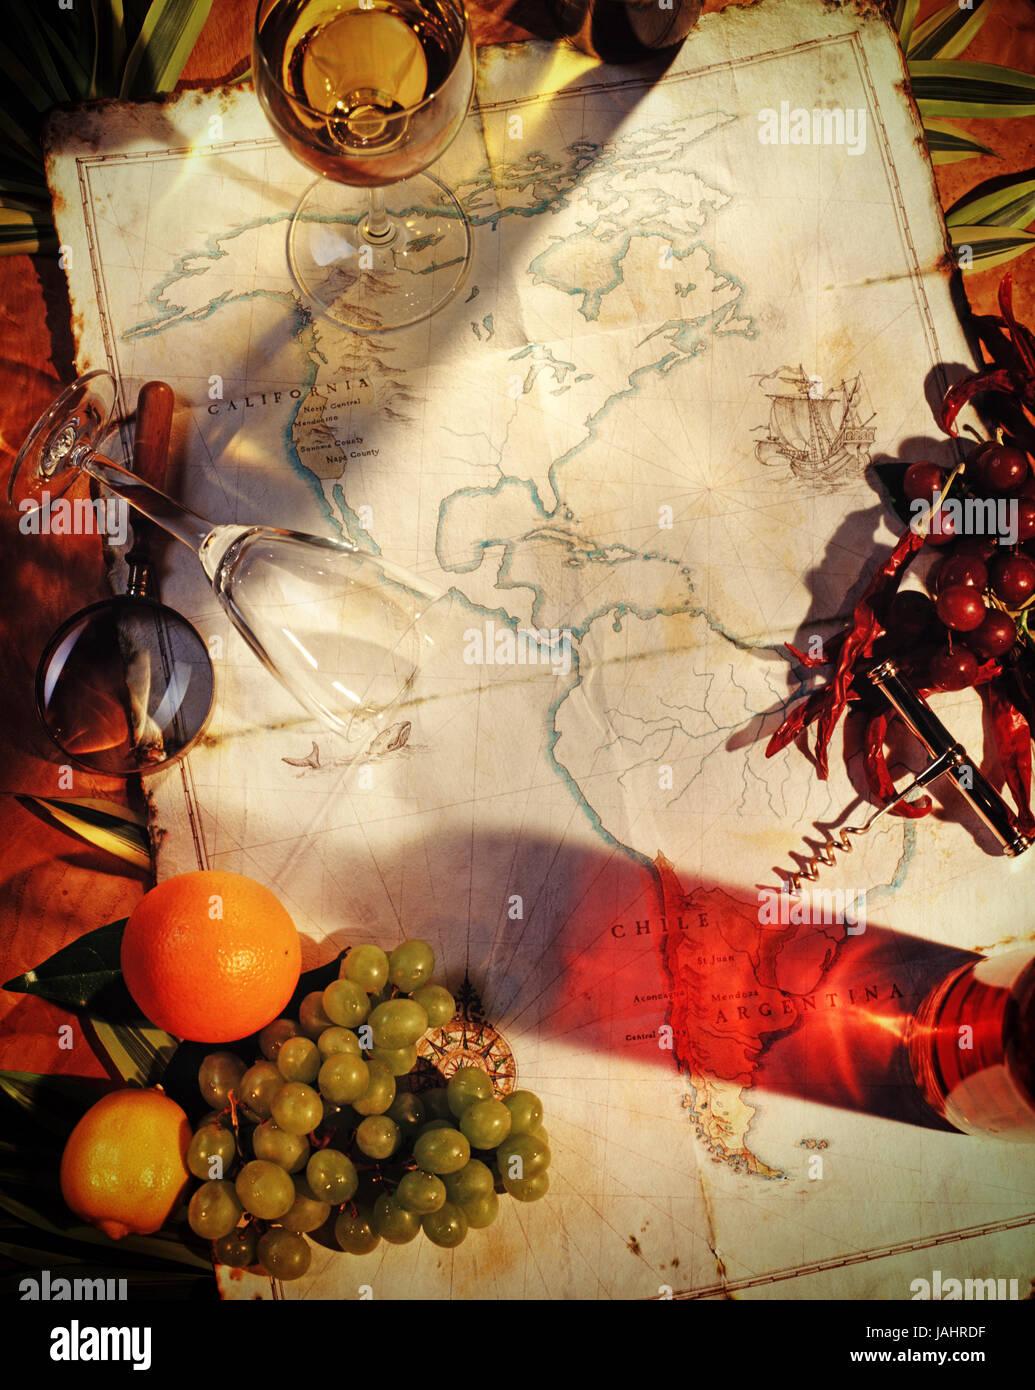 Mapa de America's con las regiones del vino y copa de vino Imagen De Stock